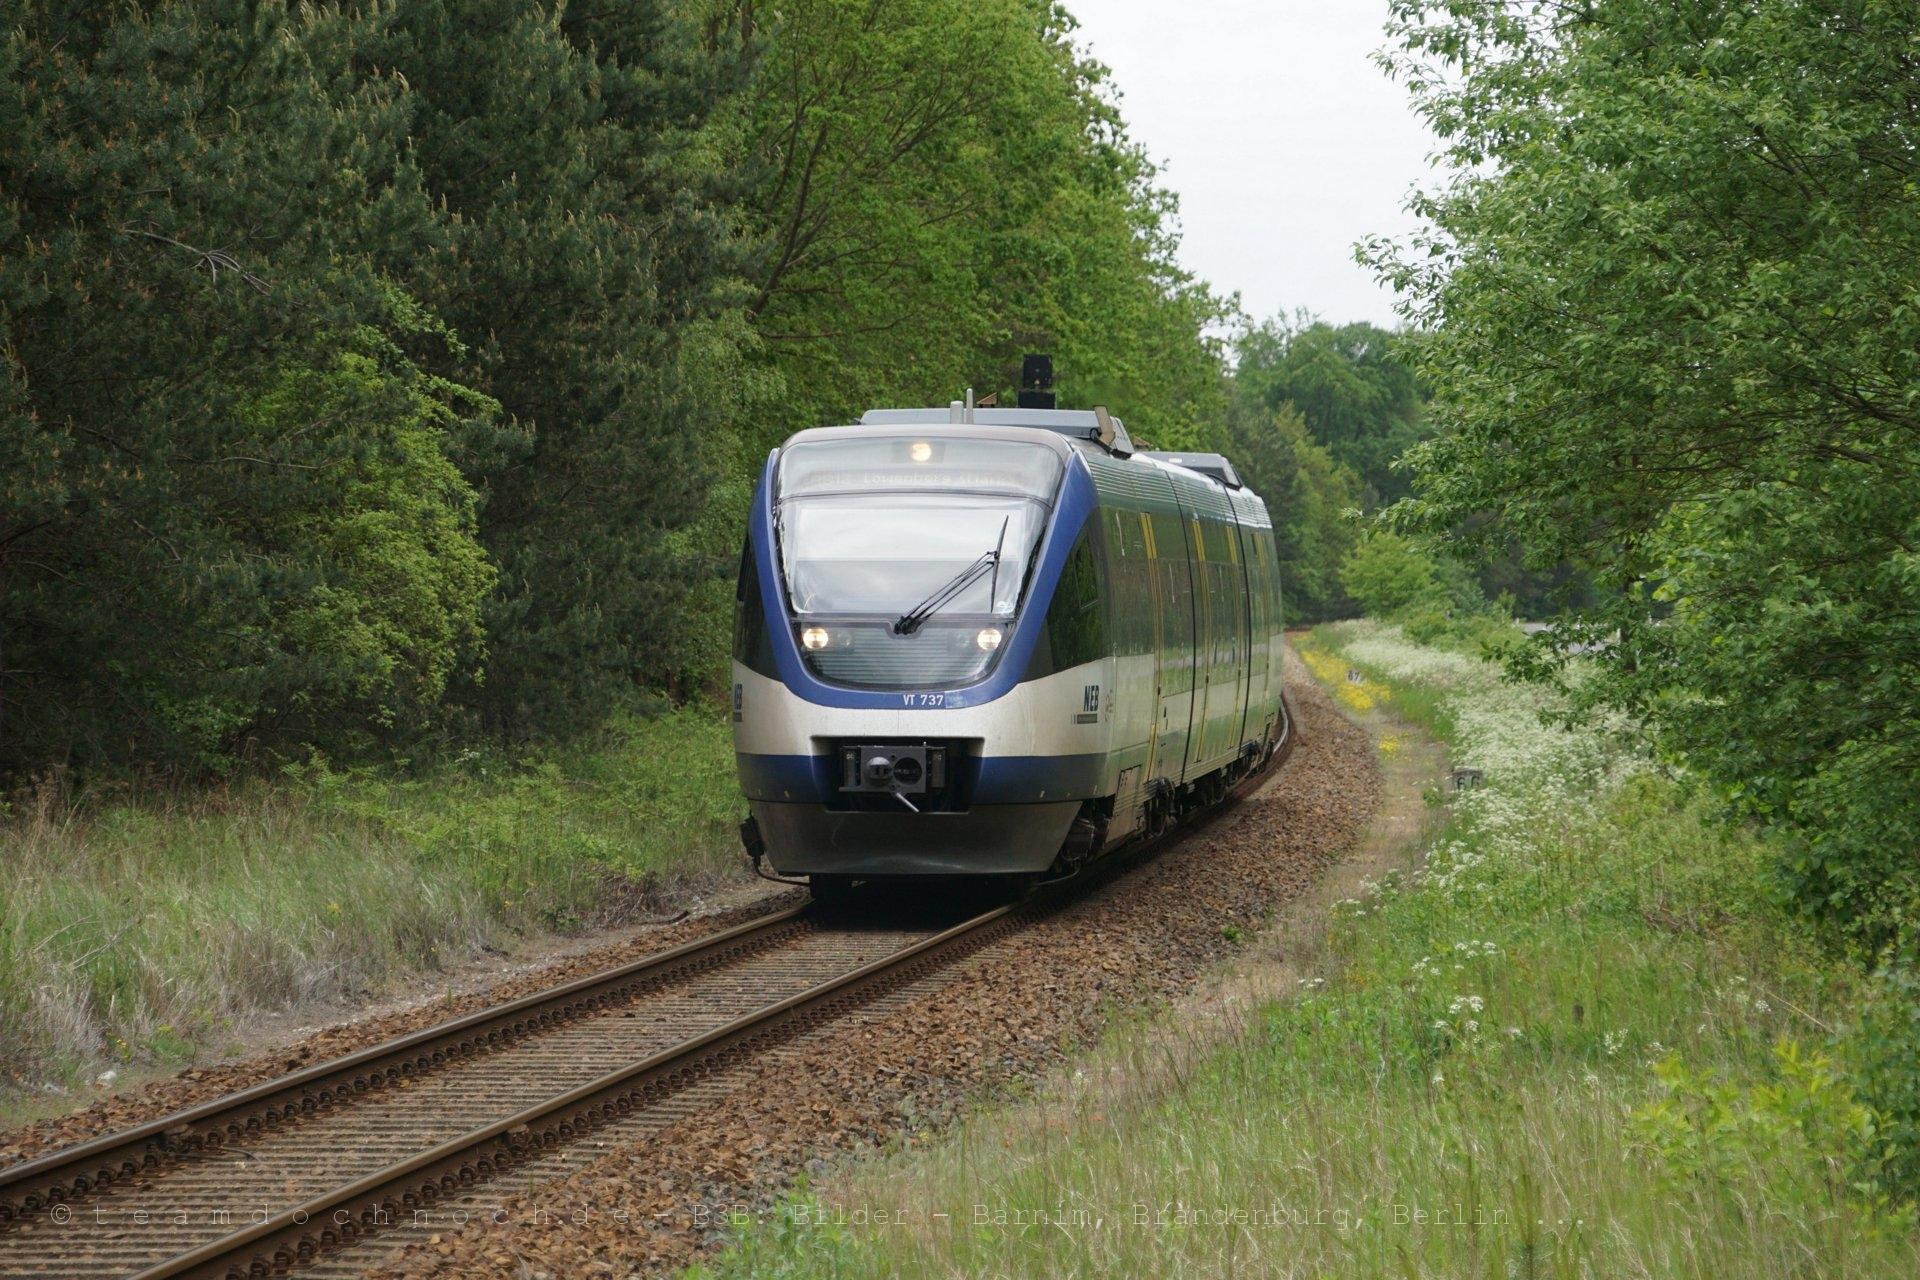 VT737 der NEB als RB12 nach Löwenberg am Einfahrsignal von Vogelsang